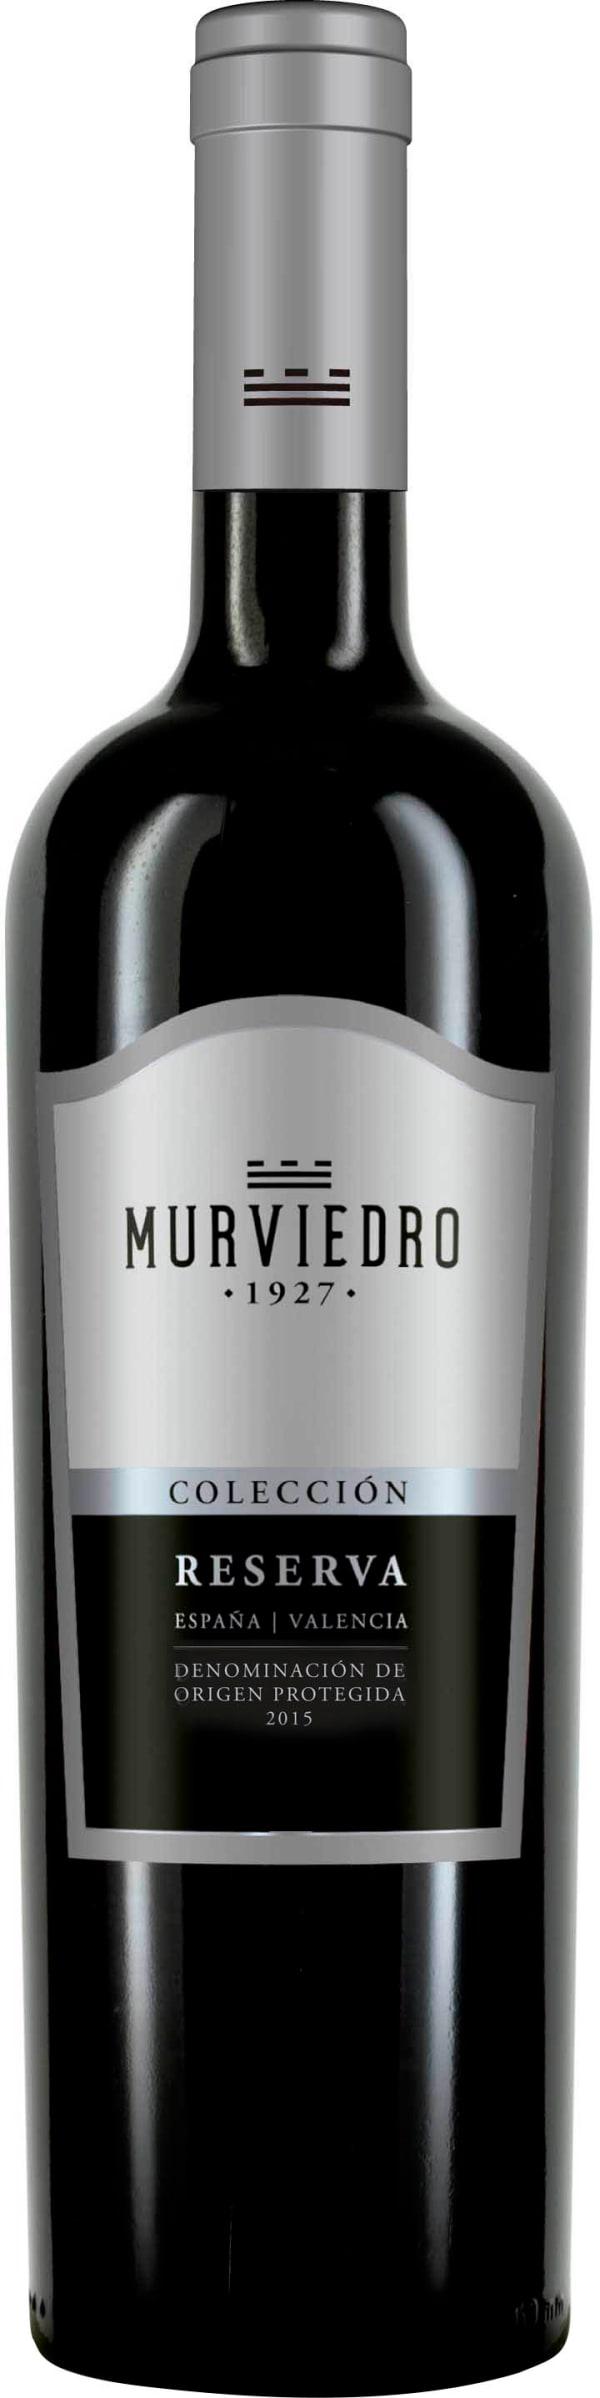 Murviedro Colección Reserva 2016